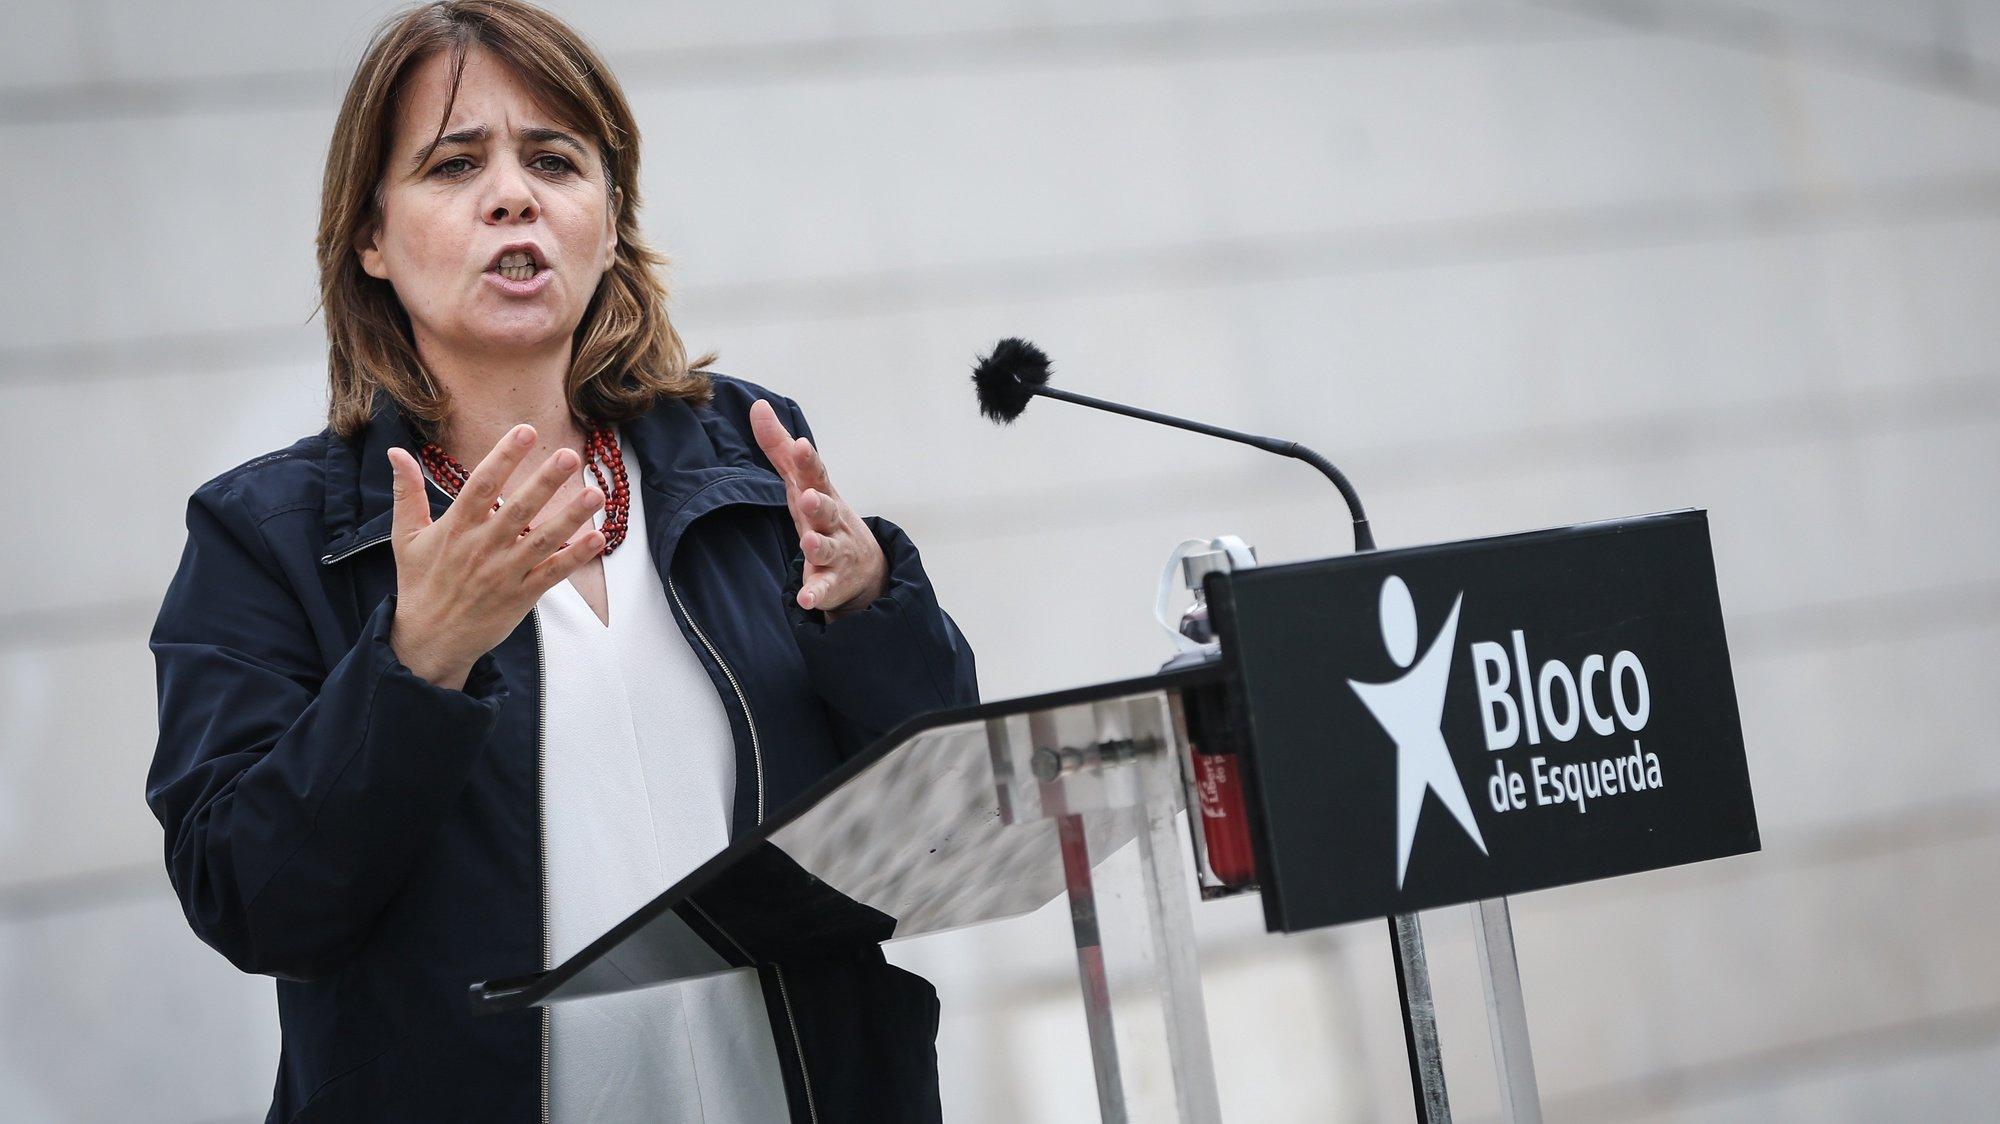 A coordenadora do Bloco de Esquerda (BE), Catarina Martins, discursa durante a apresentação dos candidatos aos órgãos autárquicos do Bloco de Esquerda, em Almada, 16 de maio de 2021.  RODRIGO ANTUNES/LUSA